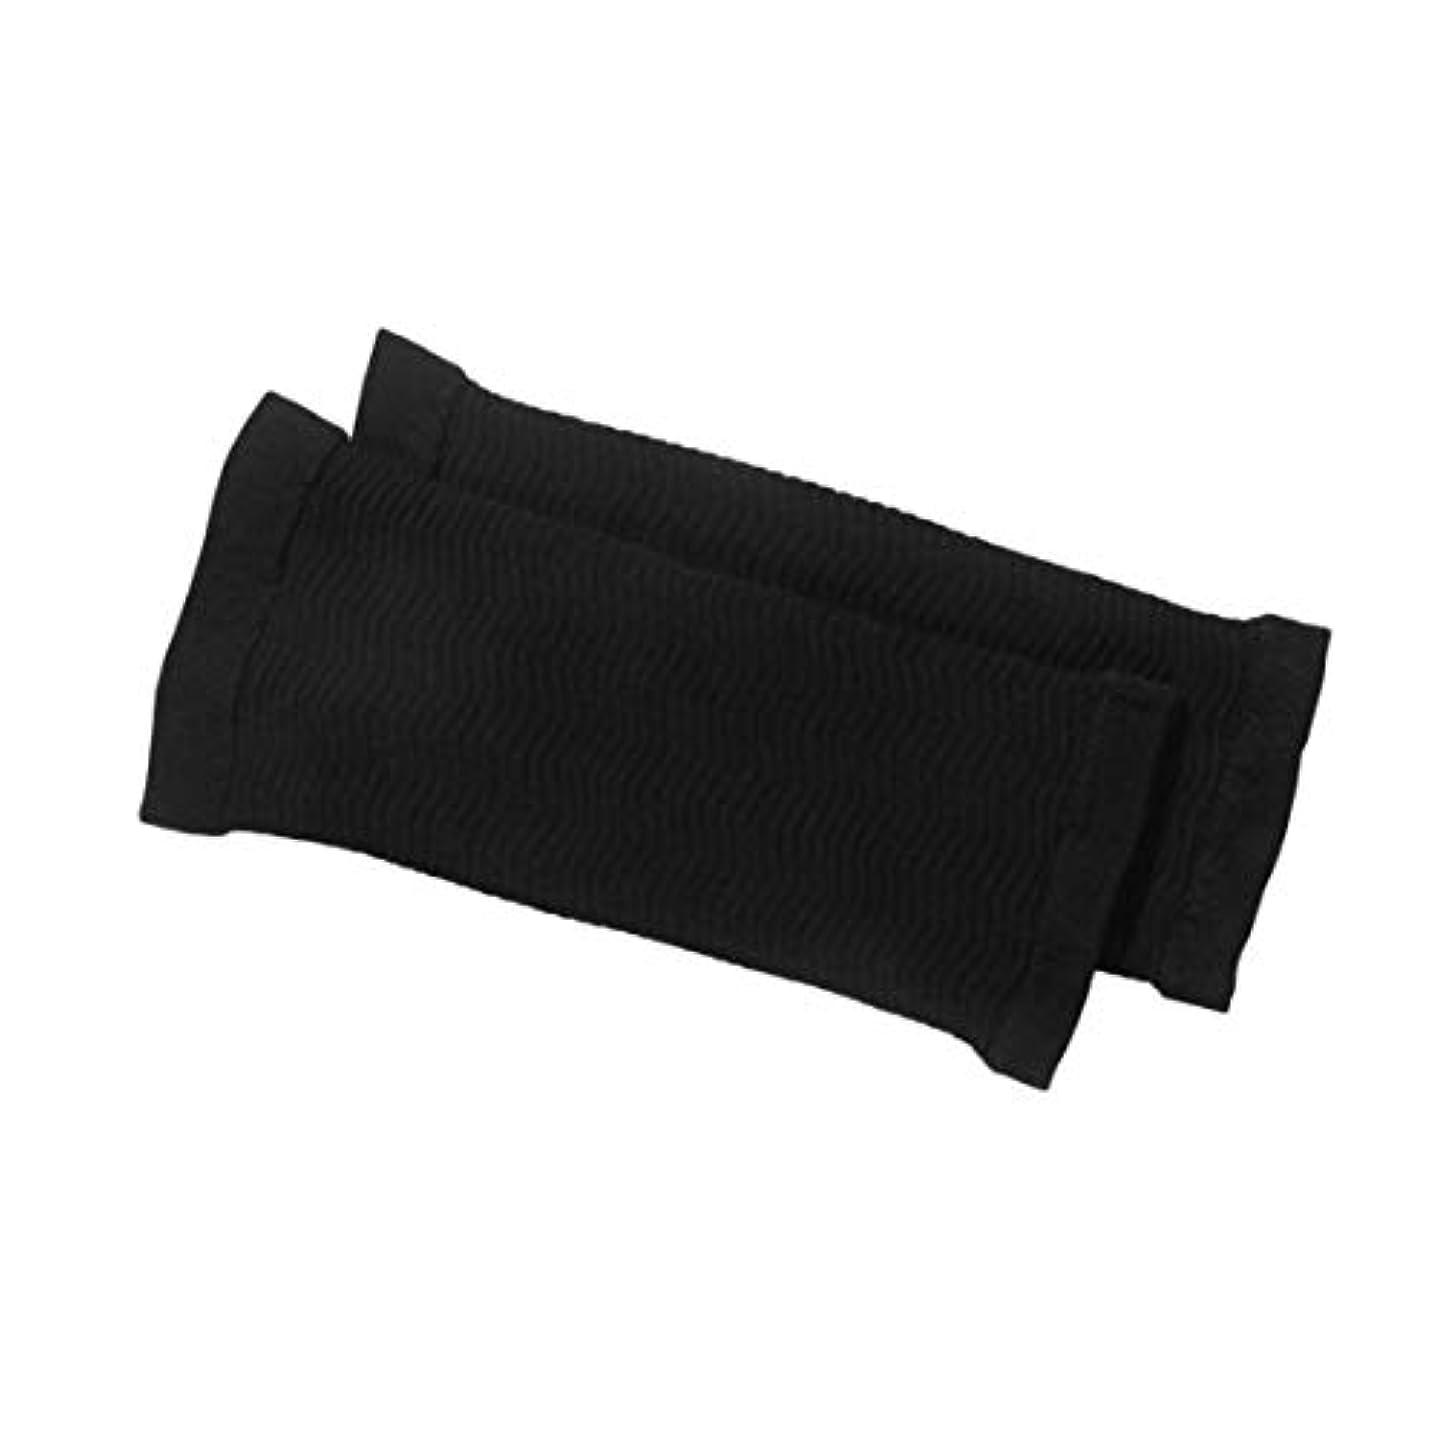 太平洋諸島集中的な落とし穴1ペア420 D圧縮痩身アームスリーブワークアウトトーニングバーンセルライトシェイパー脂肪燃焼袖用女性 - 黒